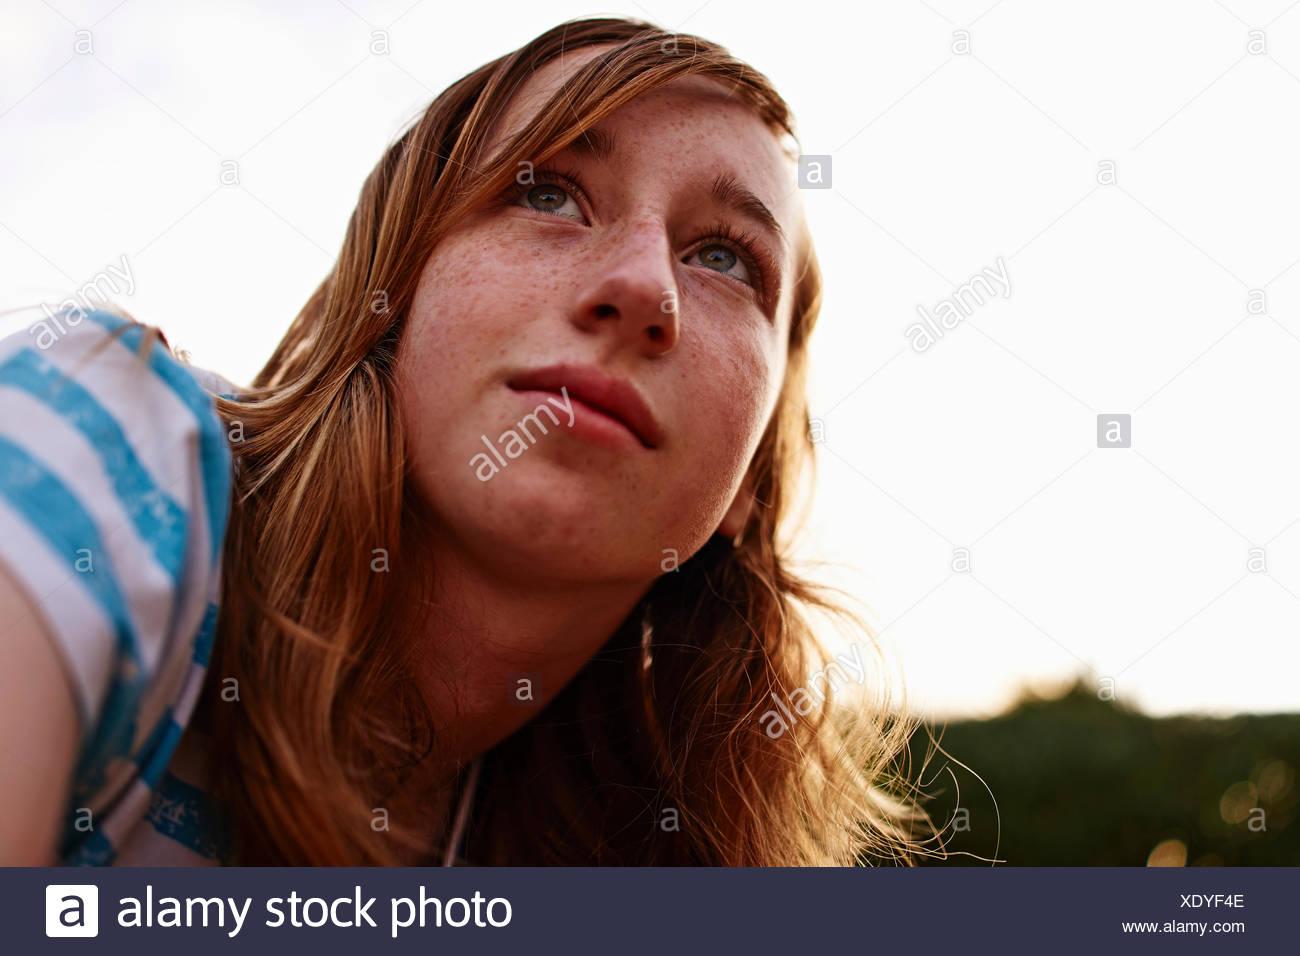 Portrait of teenage girl - Stock Image